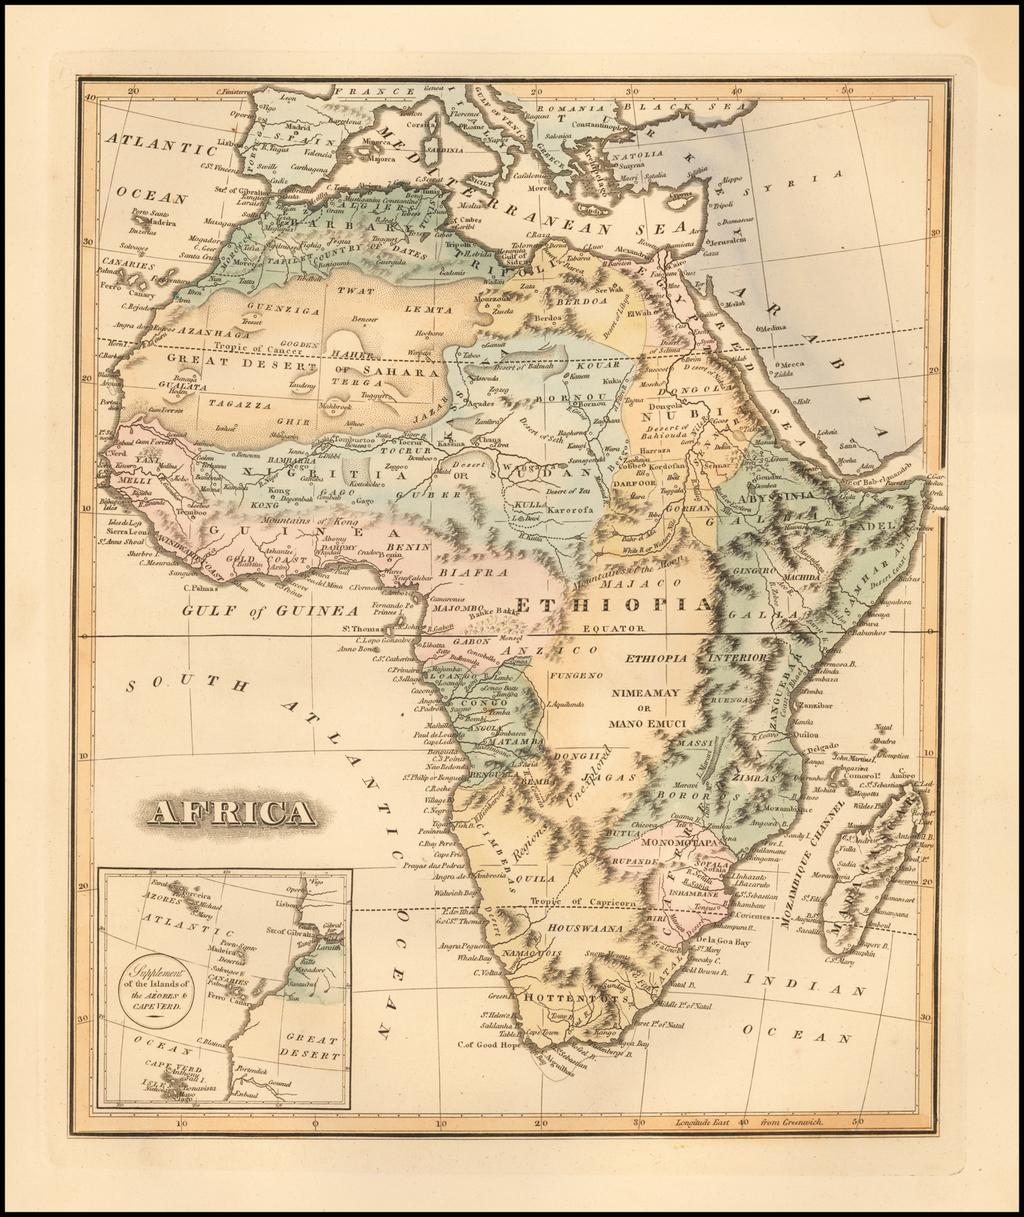 Africa By Fielding Lucas Jr.